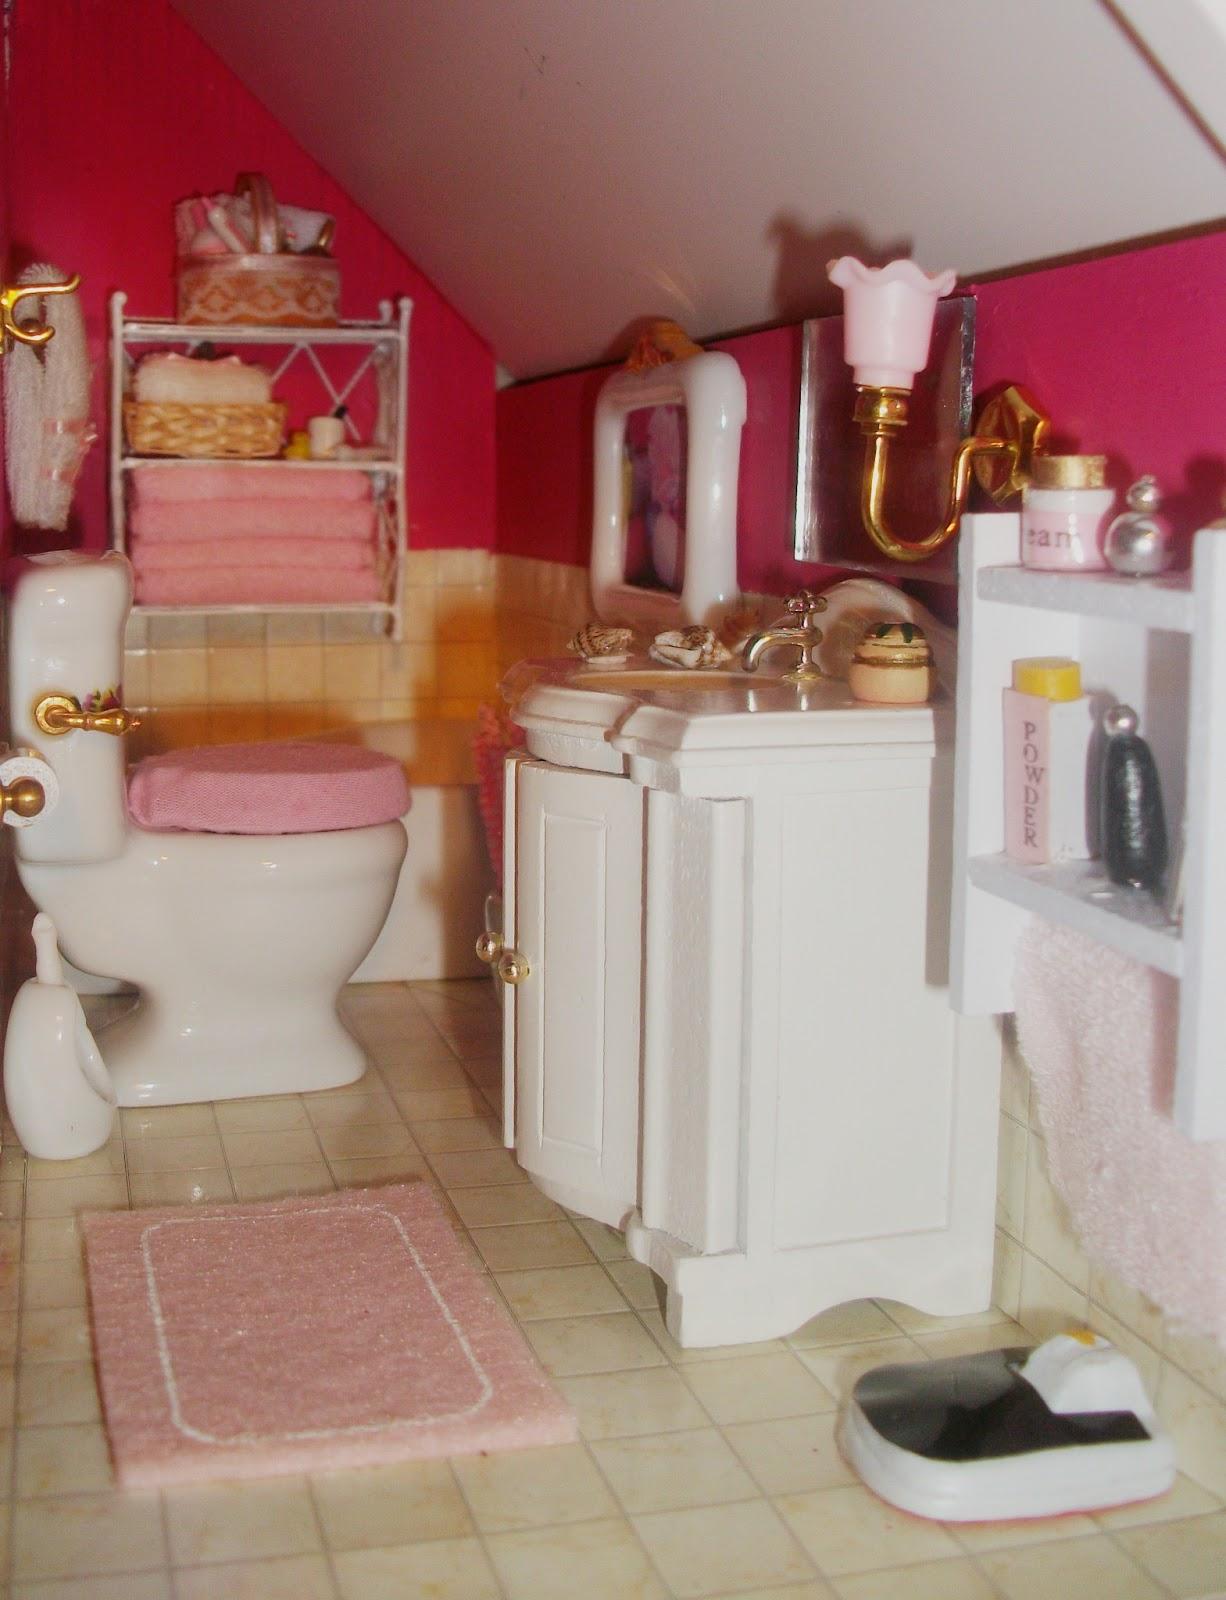 Un mundo en peque as dimensiones mi casita de mu ecas el for Estanterias pequenas para bano